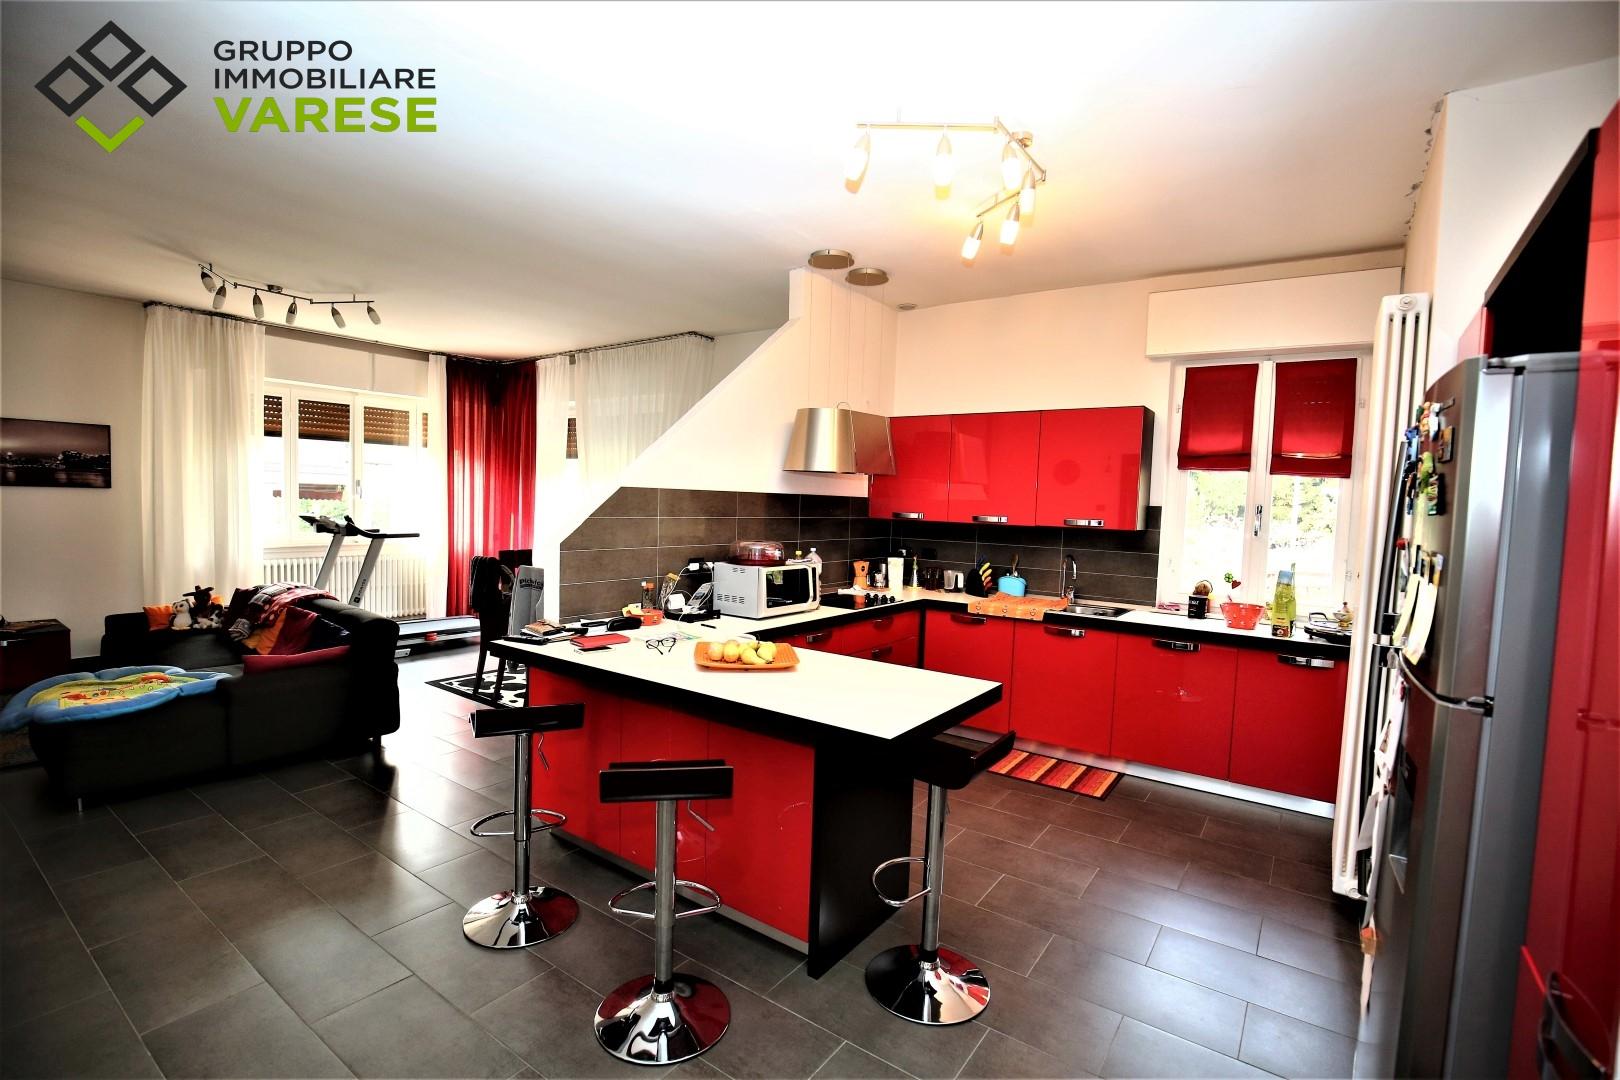 Appartamento in vendita a Morazzone, 2 locali, prezzo € 170.000 | CambioCasa.it